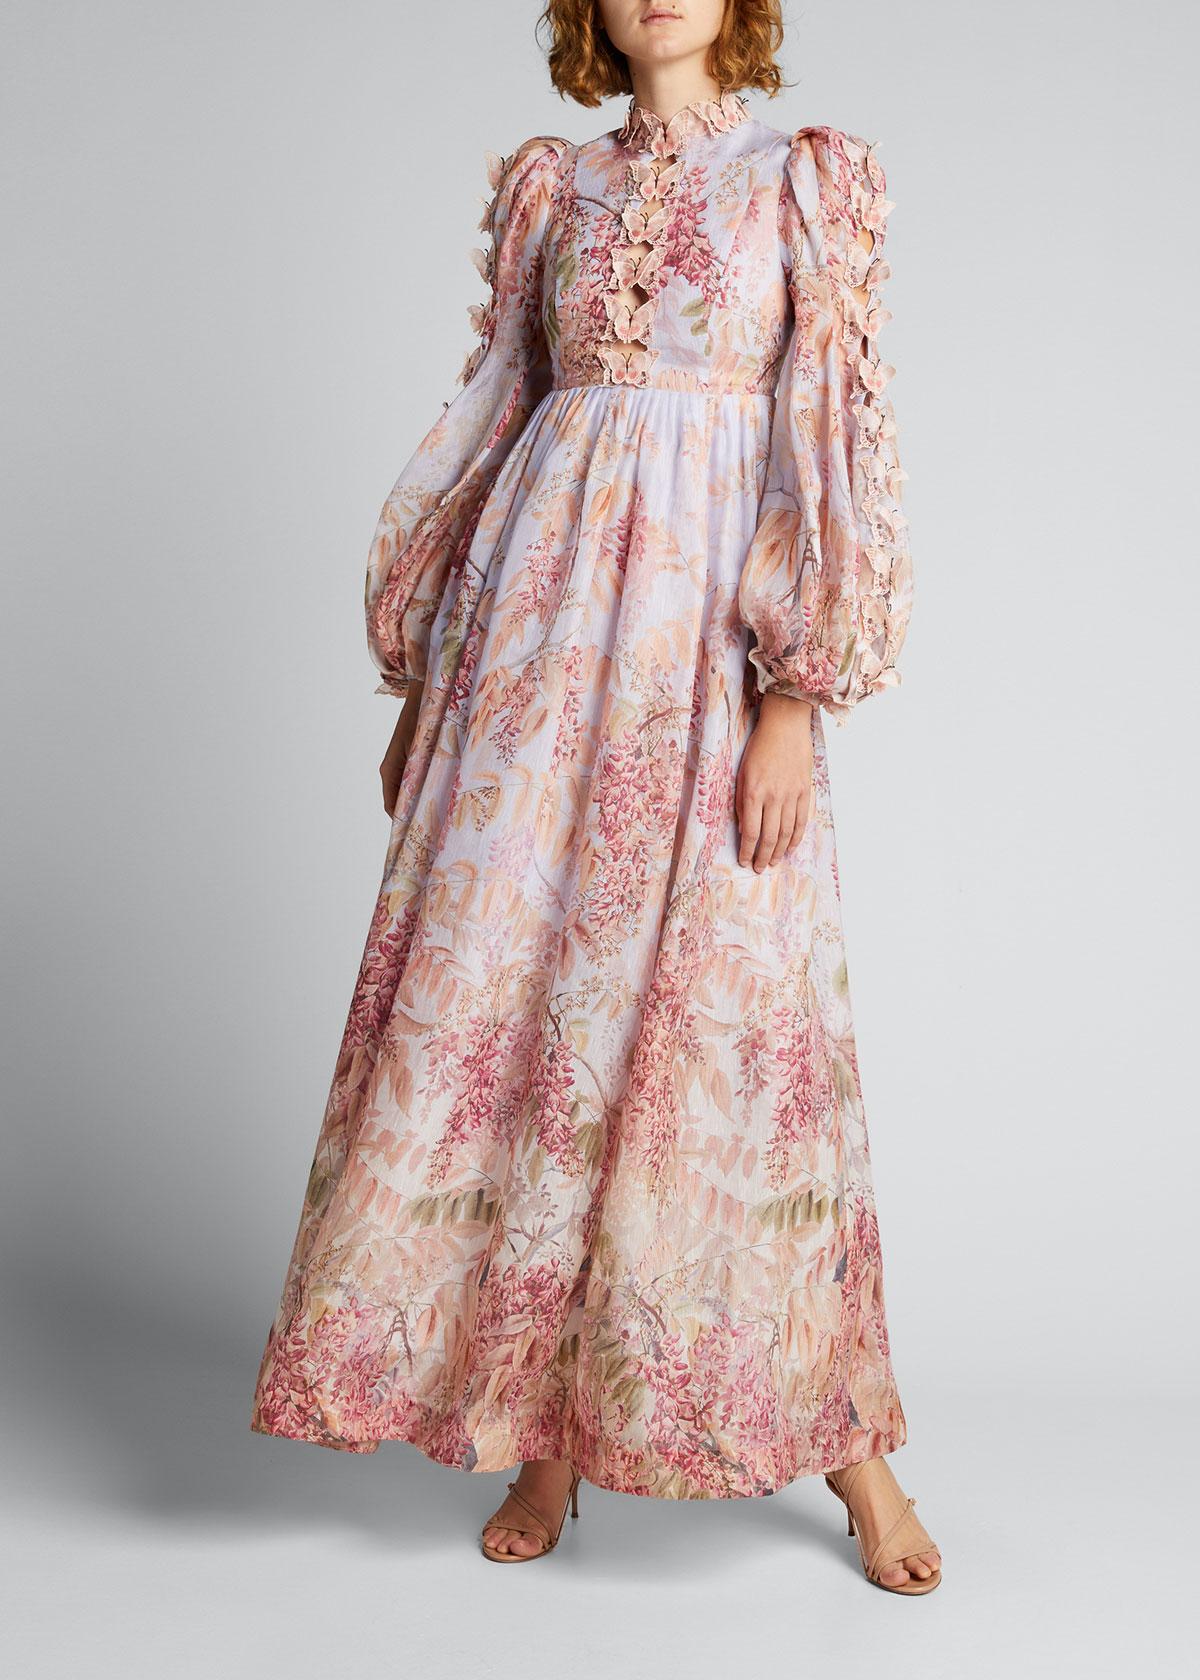 Zimmermann Linens BOTANICA BUTTERFLY ORGANZA LONG DRESS